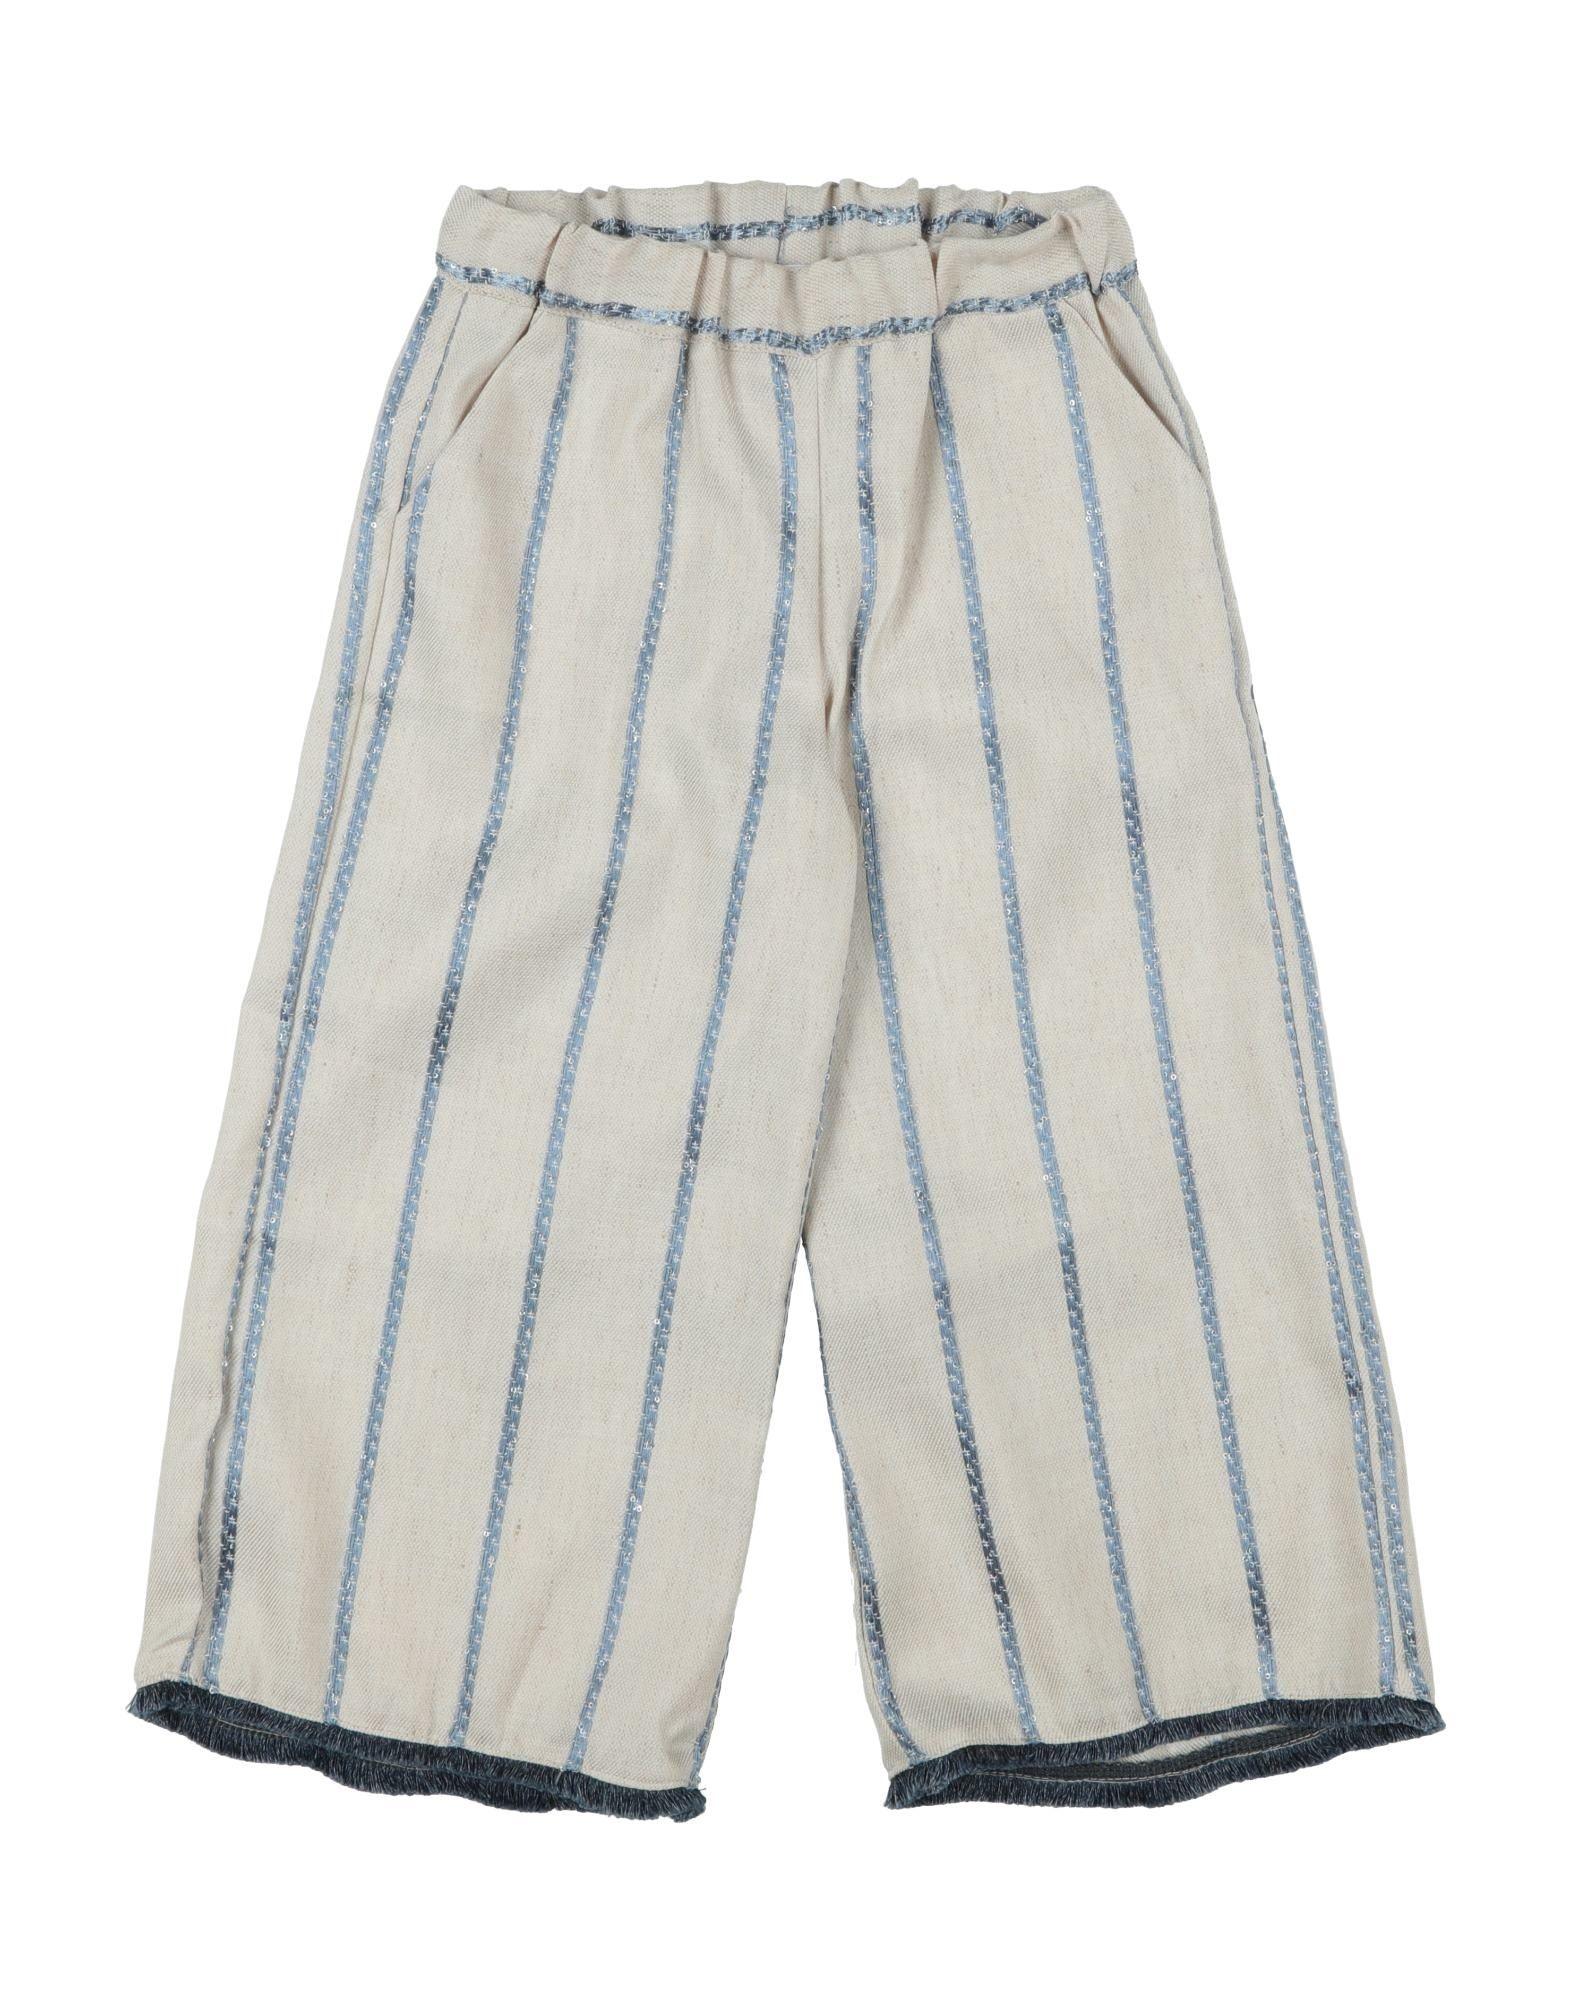 Khamsin Kids' Casual Pants In Neutrals